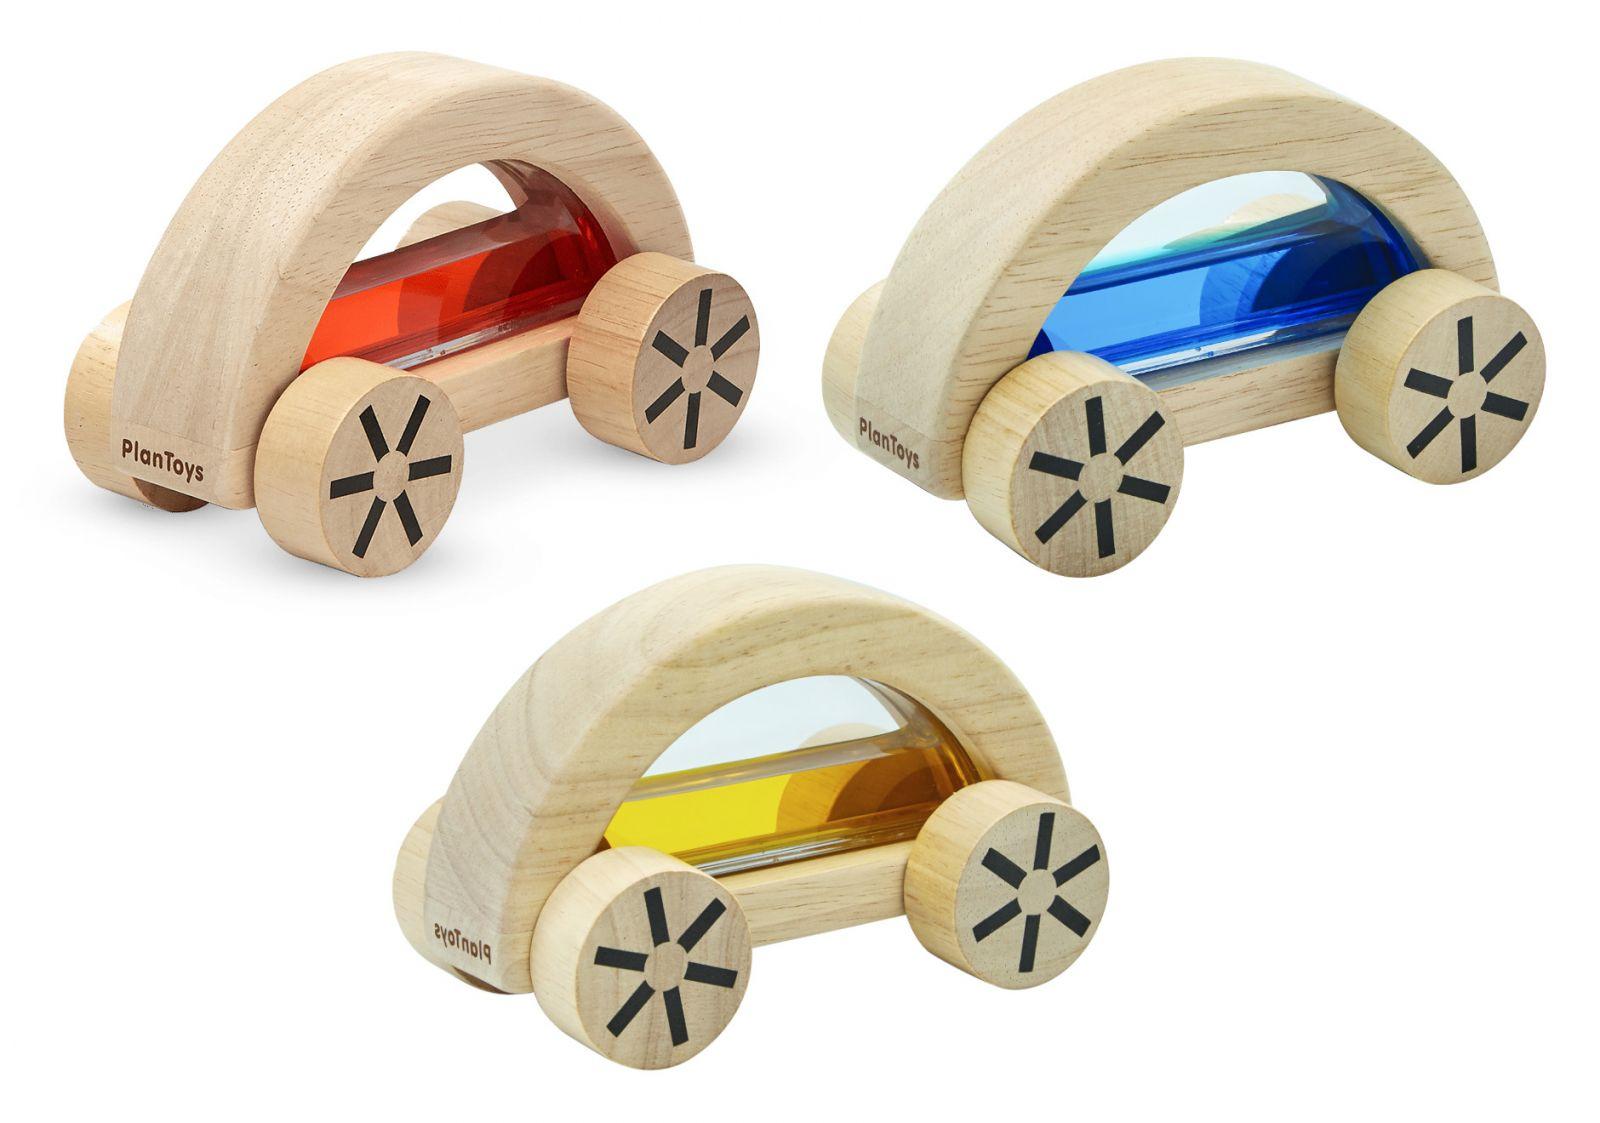 Dřevěné hračky PlanToys Wautomobil